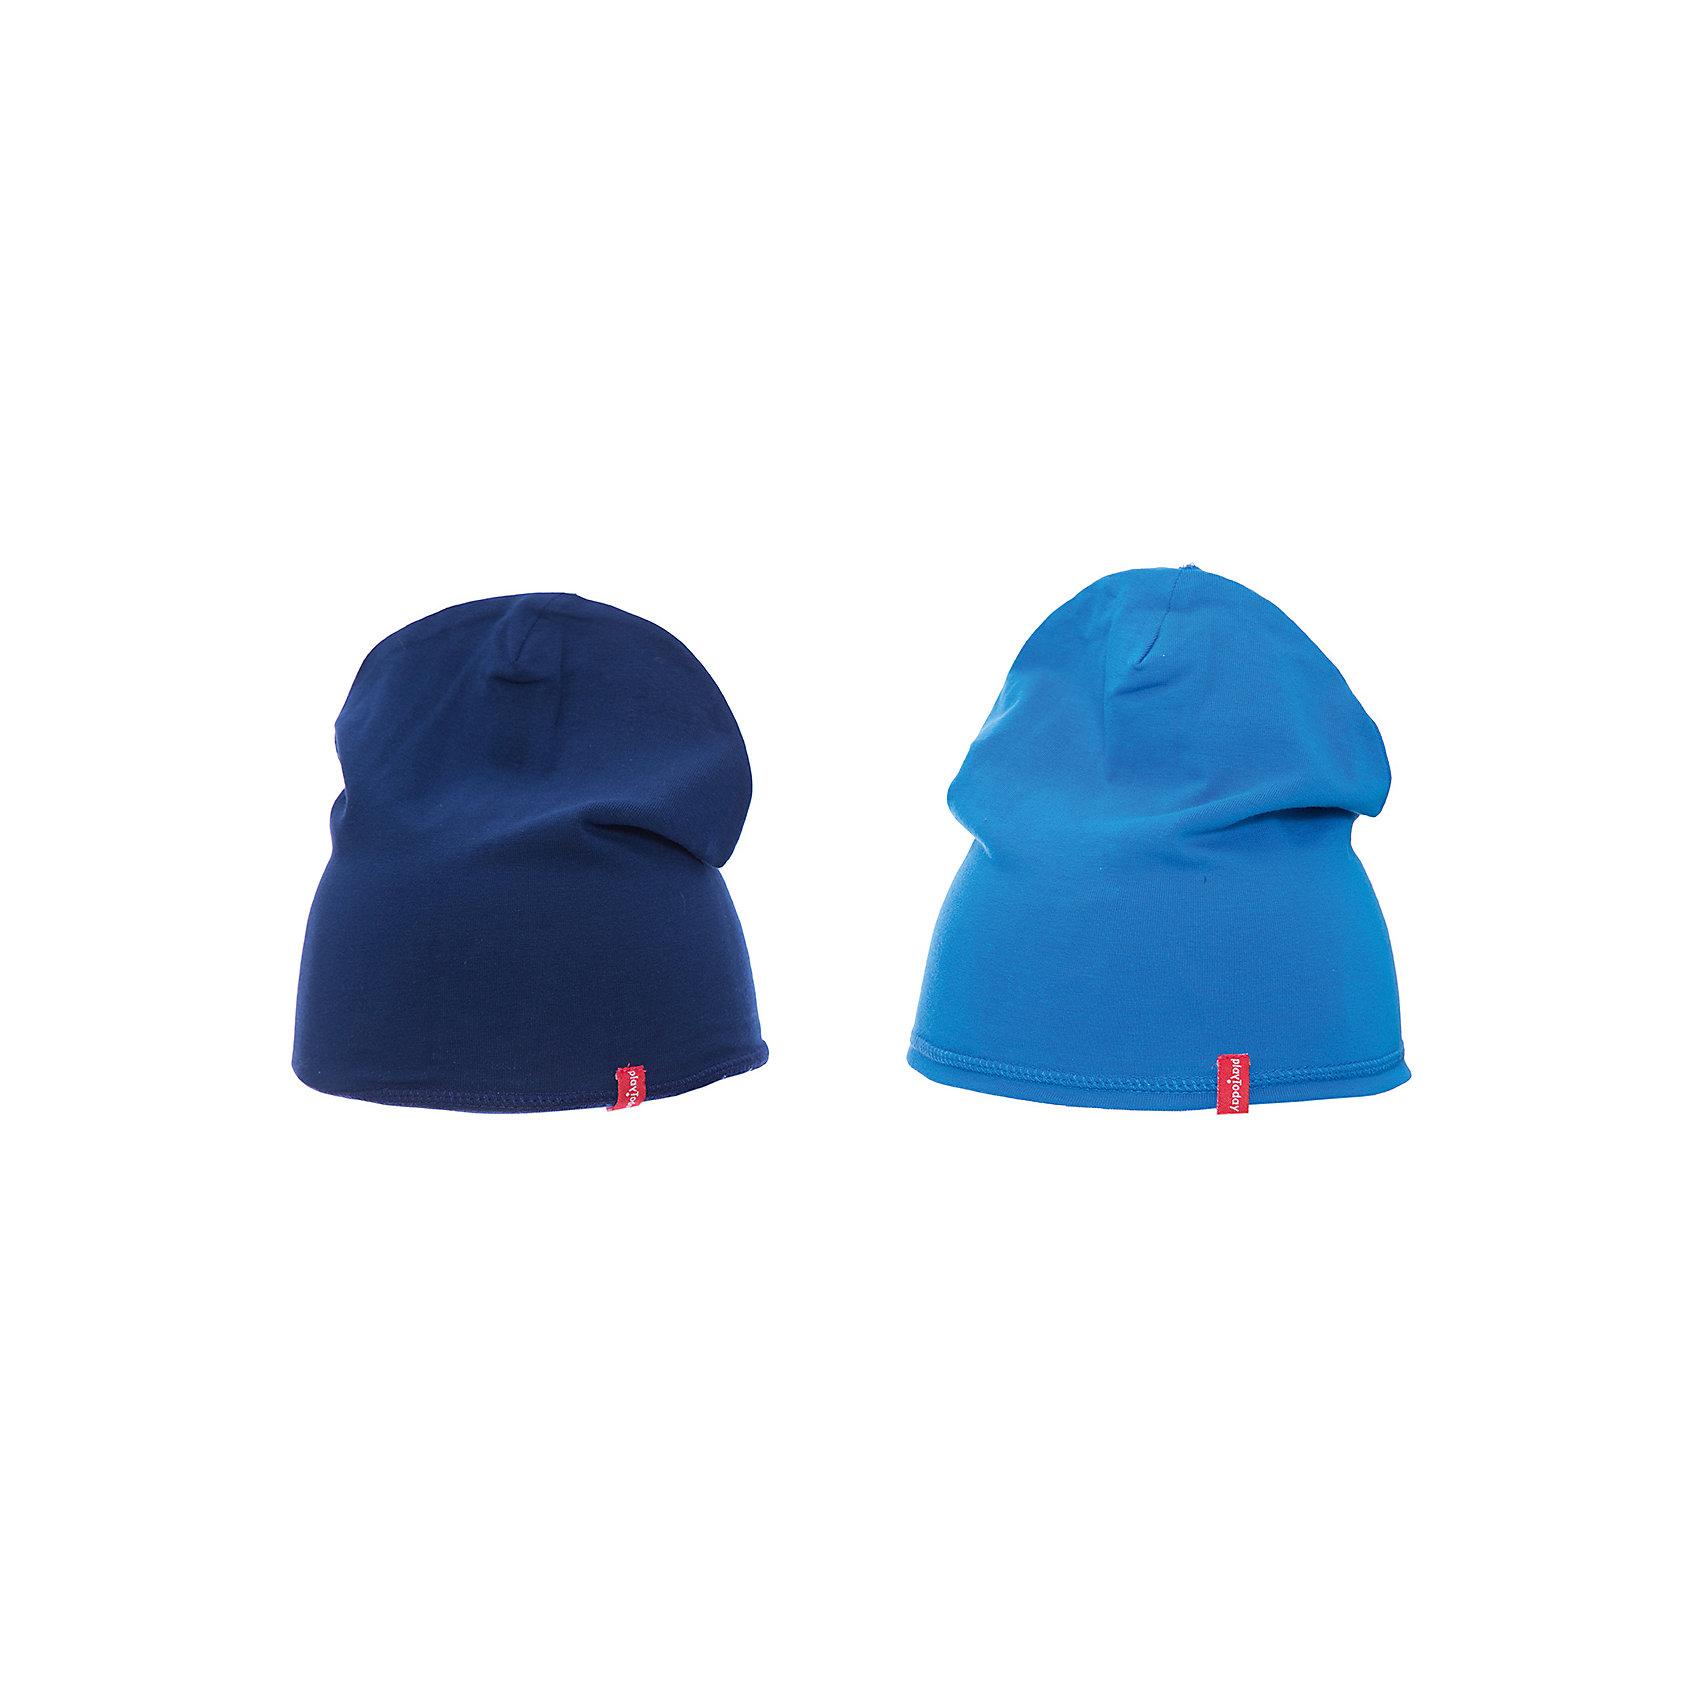 Шапка PlayToday для мальчикаШапочки<br>Шапка PlayToday для мальчика<br>Шапки из трикотажа - отличное решение для прогулок в прохладную погоду. Модели без завязок, плотно прилегают к голове, комфортны при носке.<br>Состав:<br>92% хлопок, 8% эластан<br><br>Ширина мм: 89<br>Глубина мм: 117<br>Высота мм: 44<br>Вес г: 155<br>Цвет: белый<br>Возраст от месяцев: 12<br>Возраст до месяцев: 18<br>Пол: Мужской<br>Возраст: Детский<br>Размер: 48,46<br>SKU: 7109839